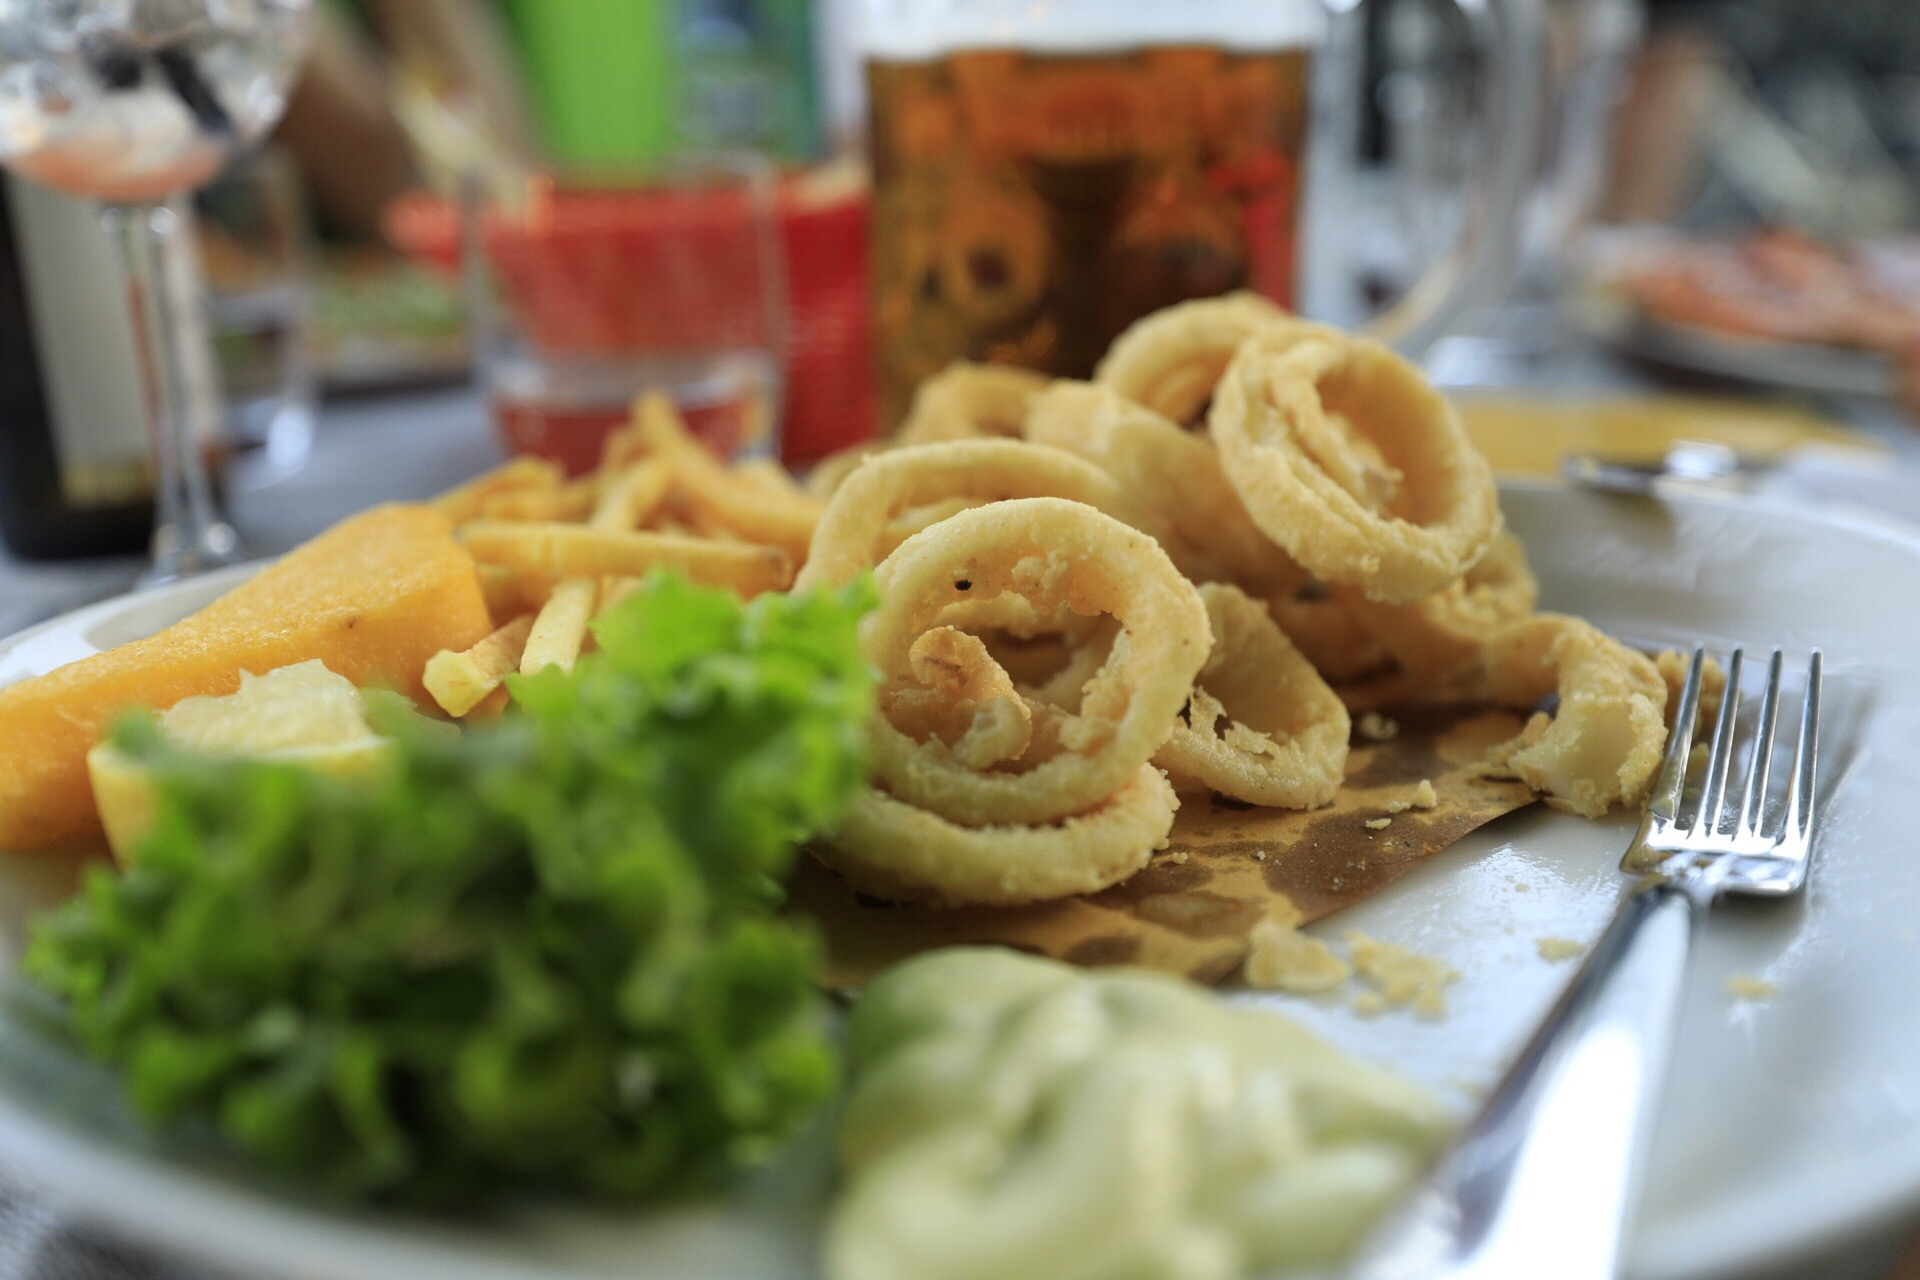 Salat, Fritten und Scampi gehören zu jedem Bibione-Besuch, genauso wie eine gepflegte Runde im Sala Giochi ums Eck. (Foto: Andreas Wanda)